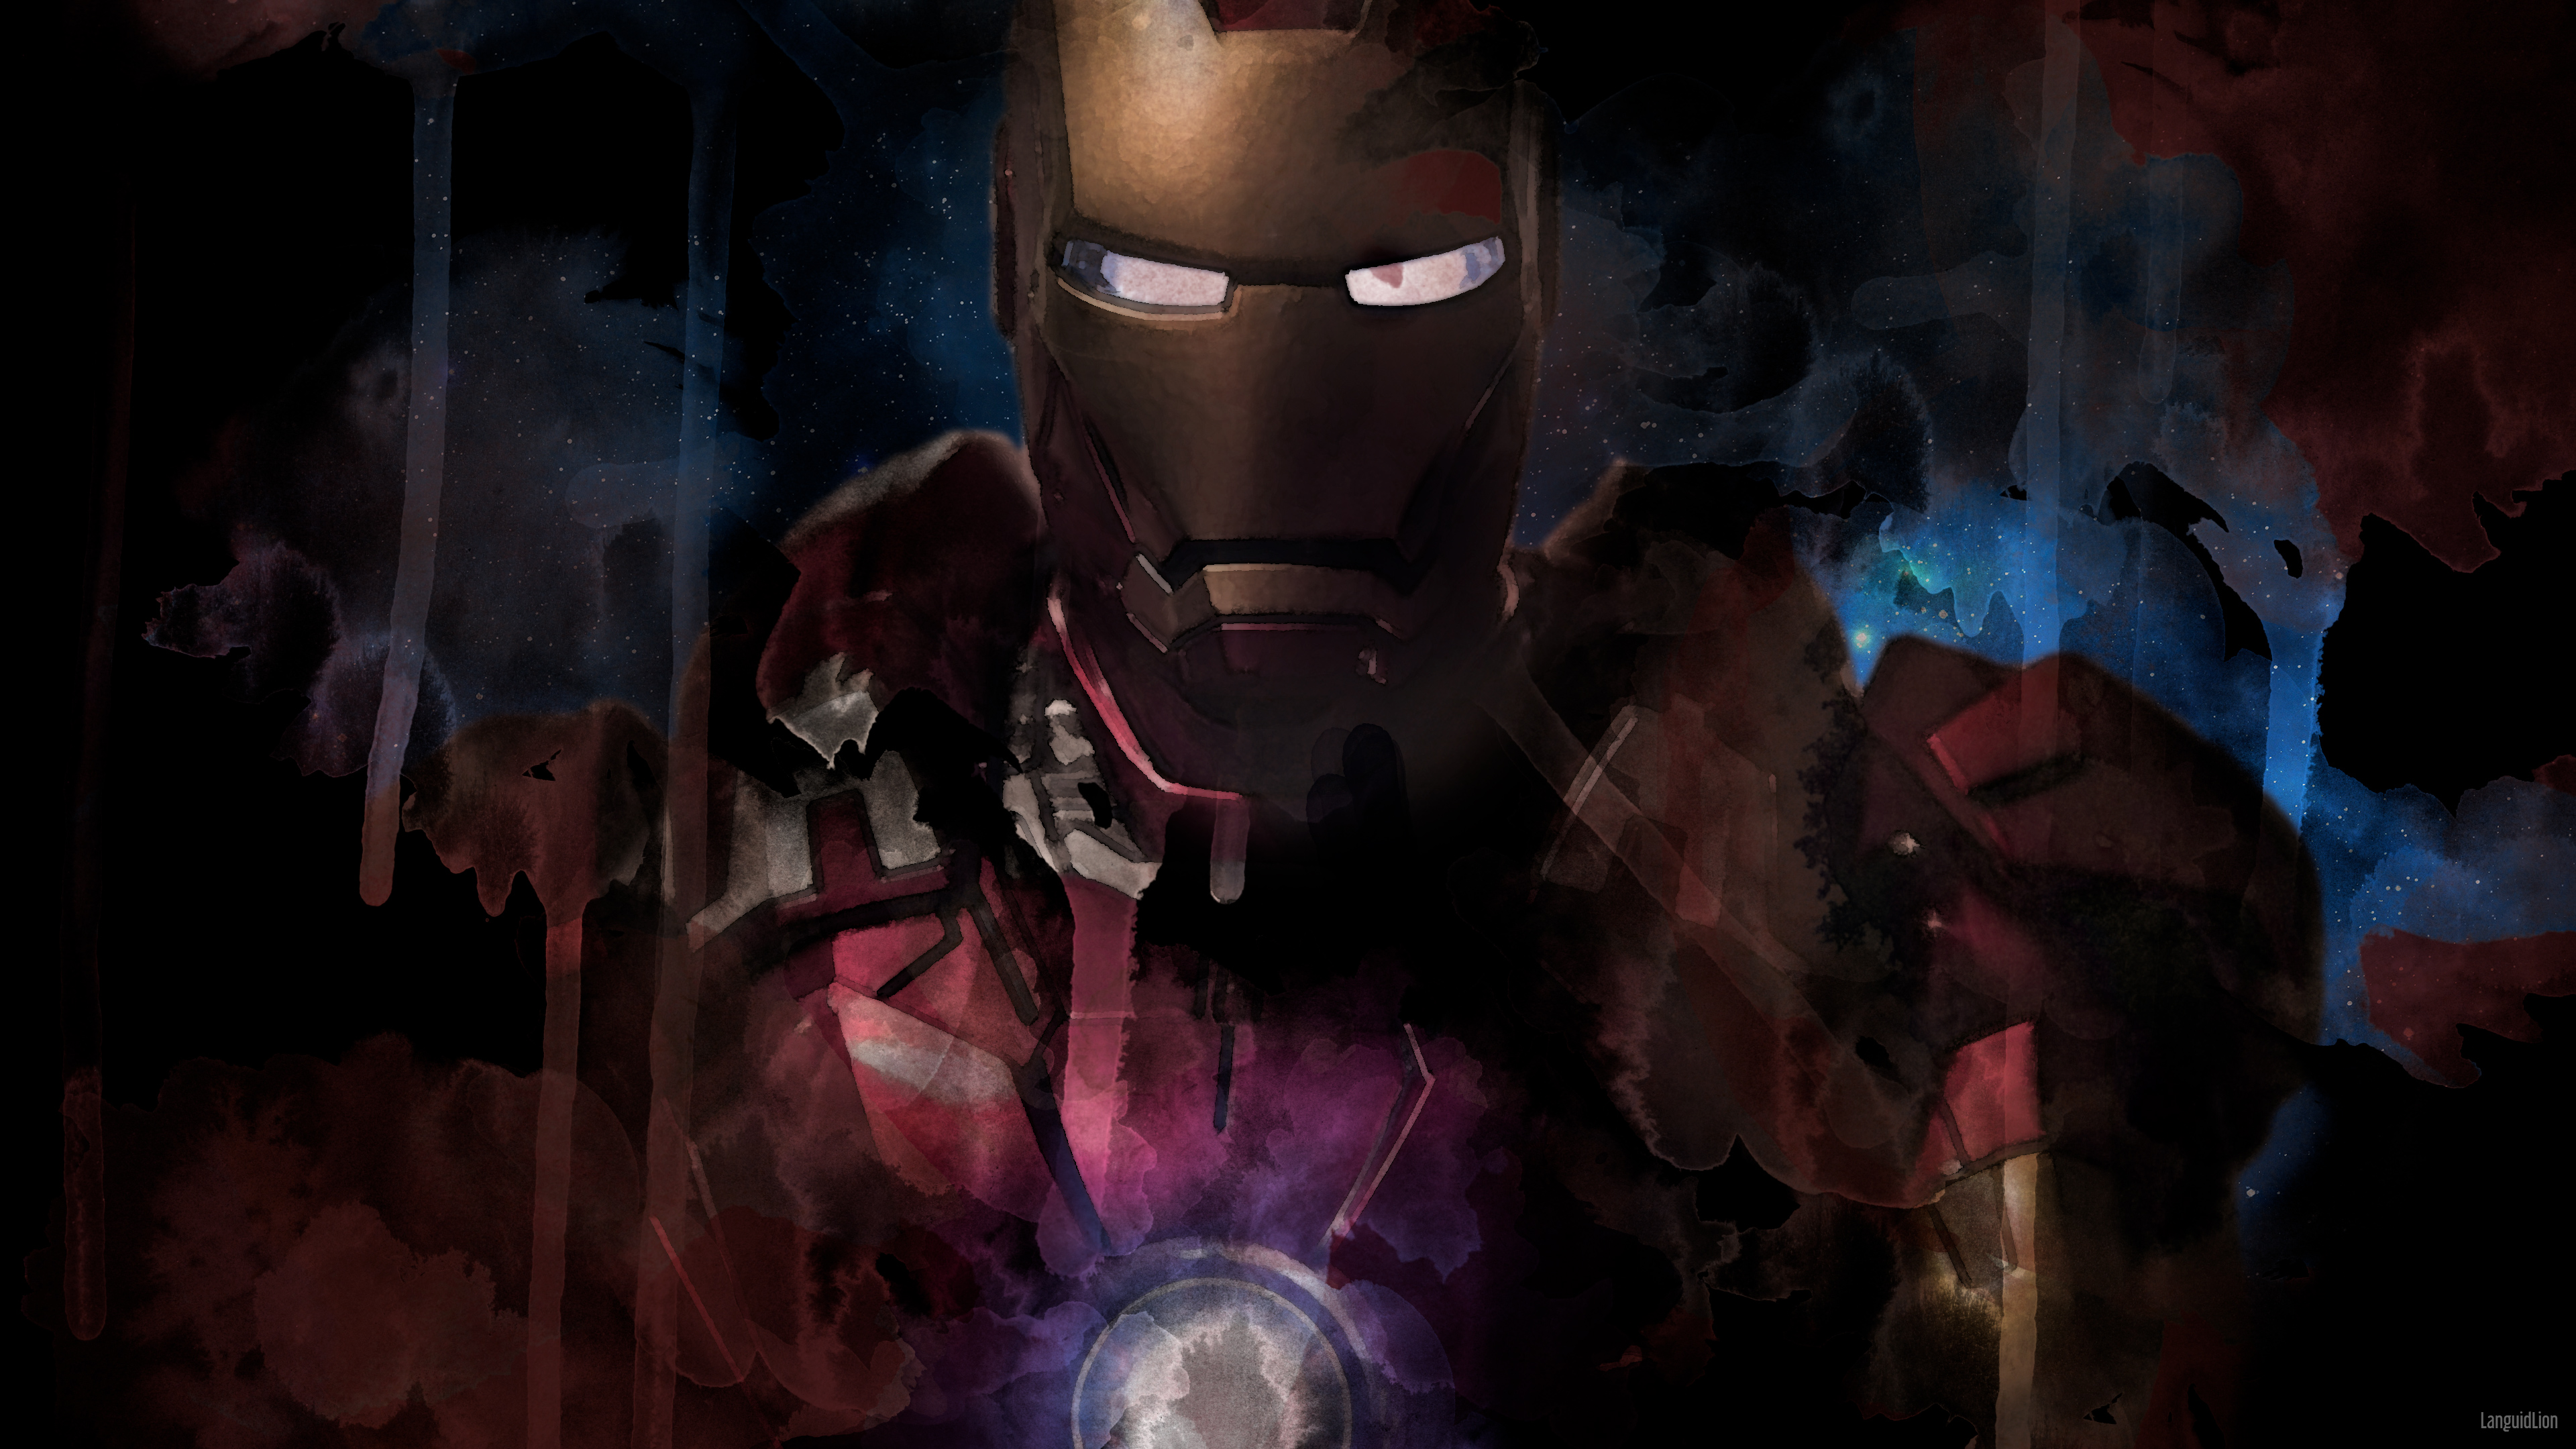 iron man paint artwork 4k 1553072043 - Iron Man Paint Artwork 4k - superheroes wallpapers, iron man wallpapers, hd-wallpapers, digital art wallpapers, artwork wallpapers, 4k-wallpapers